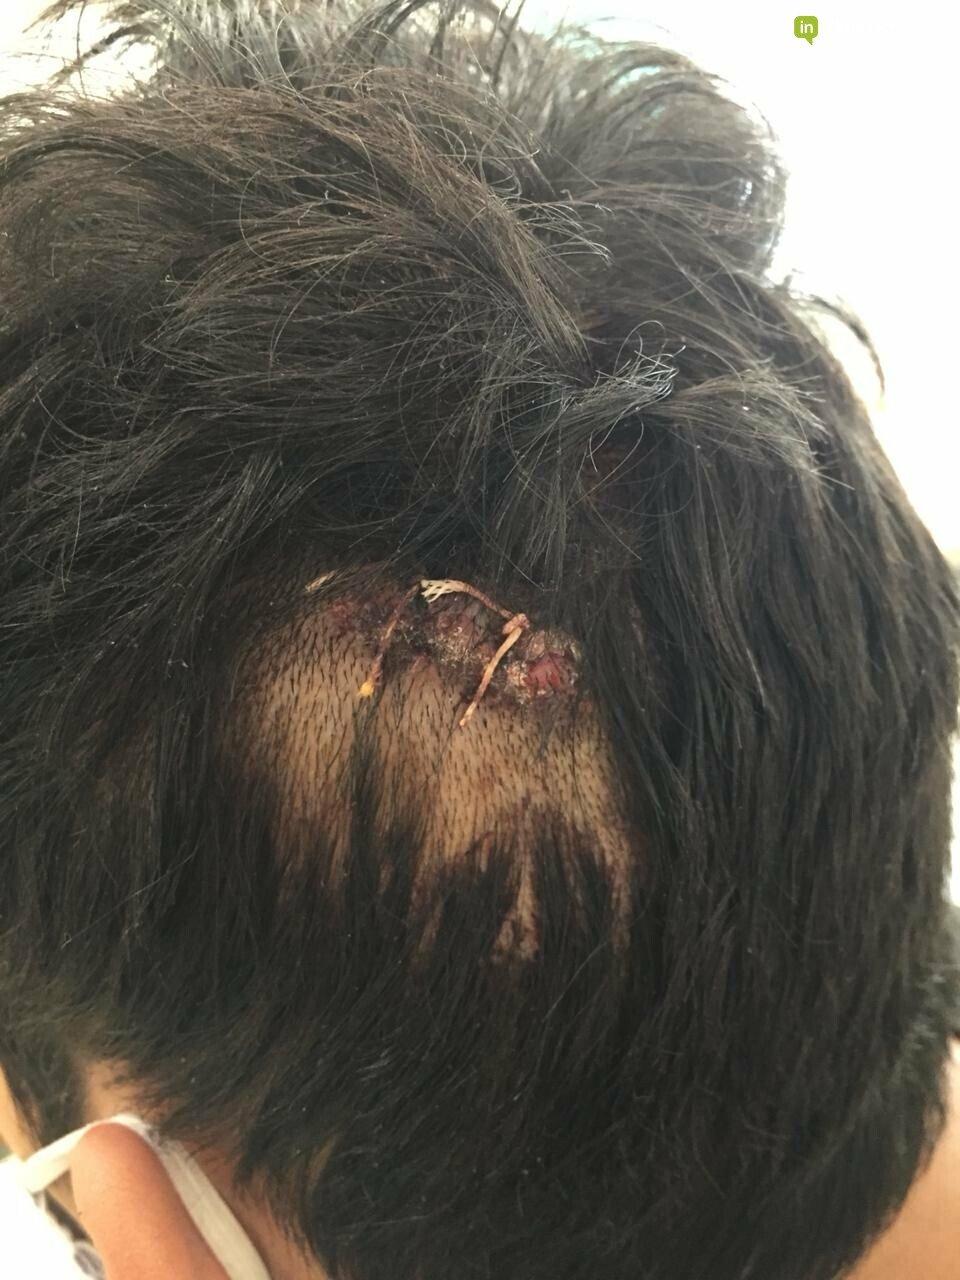 Один из пострадавших в групповом избиении